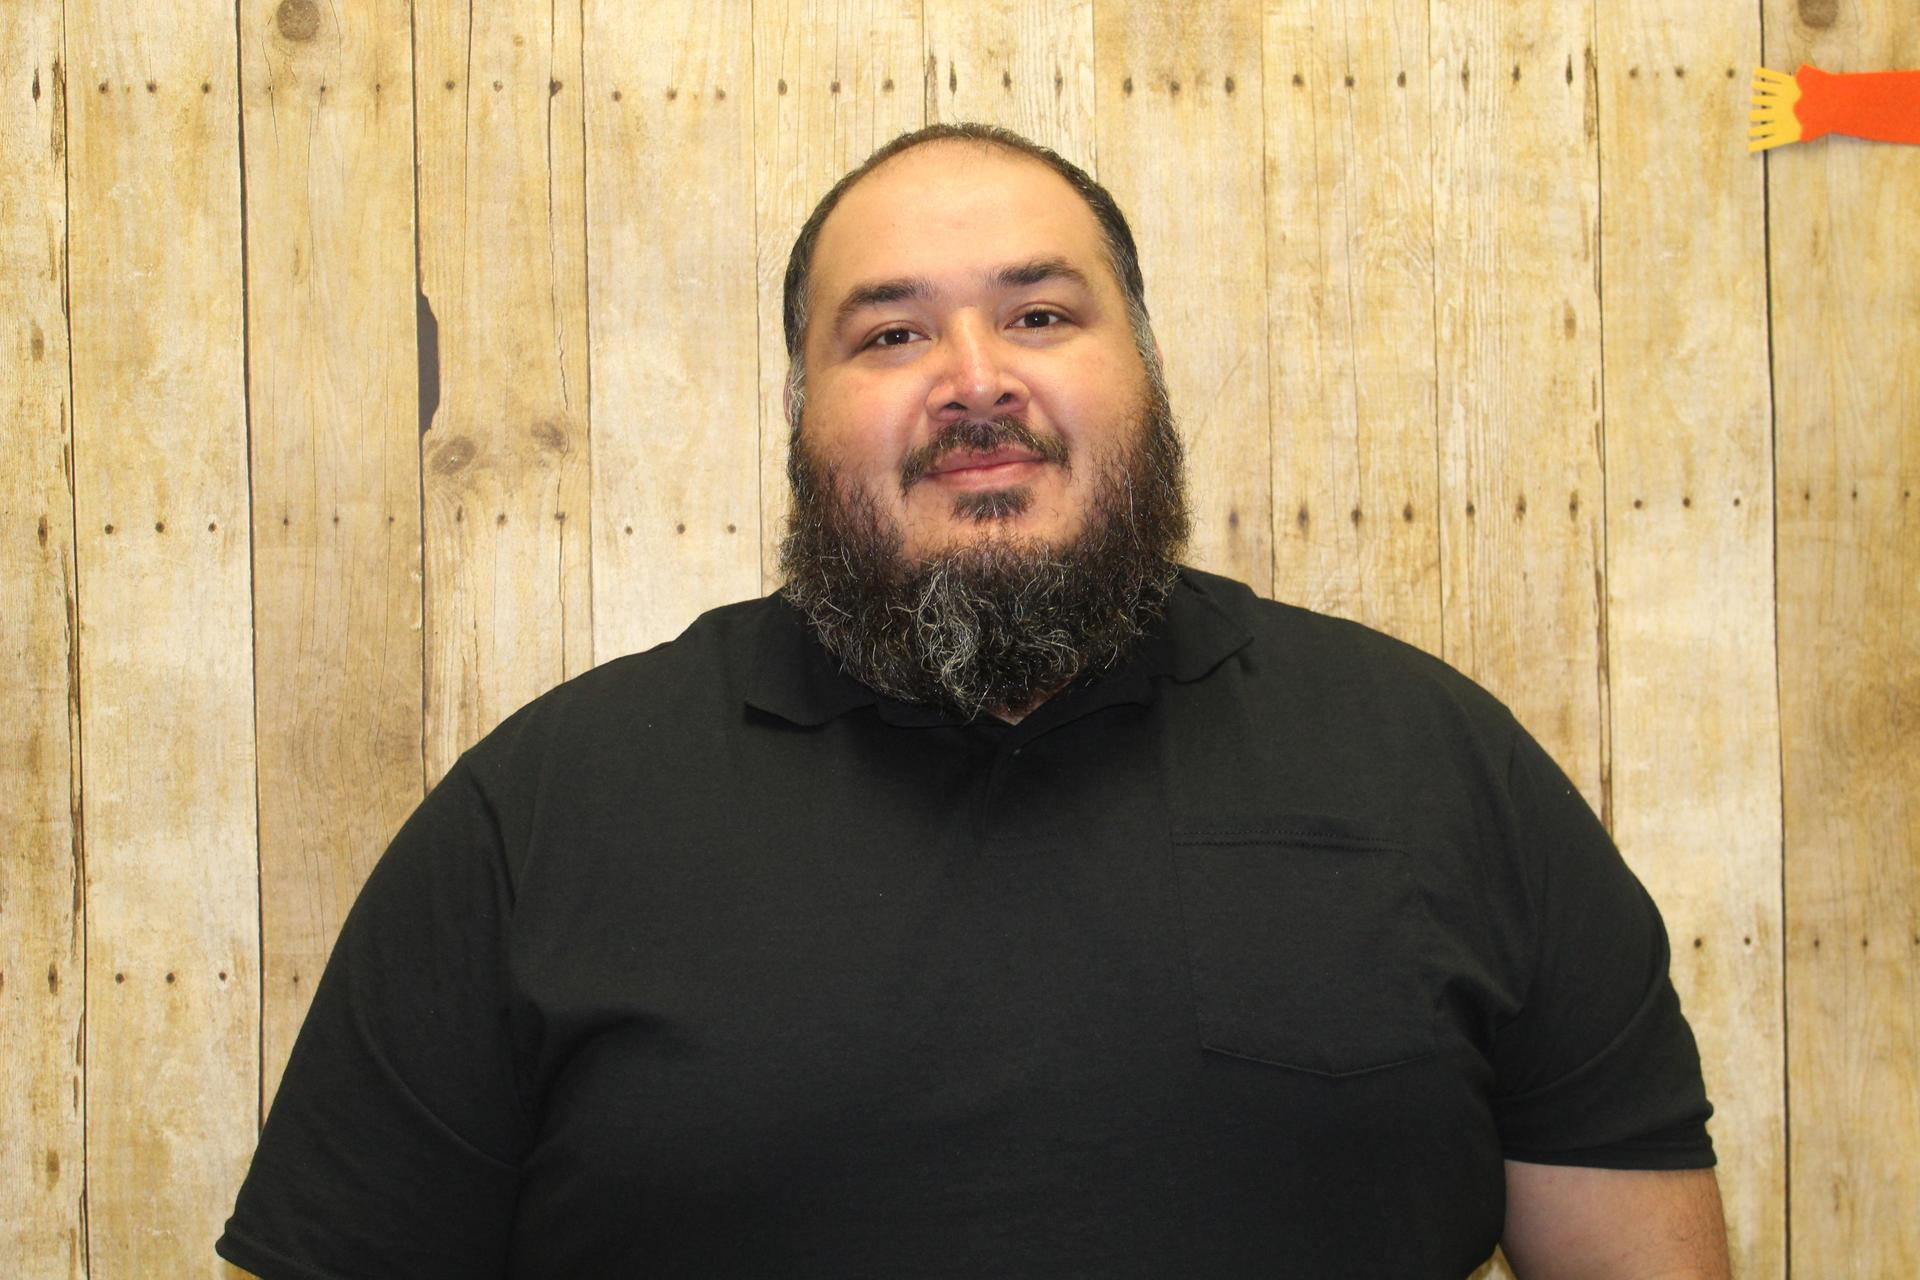 Mr. Guajardo